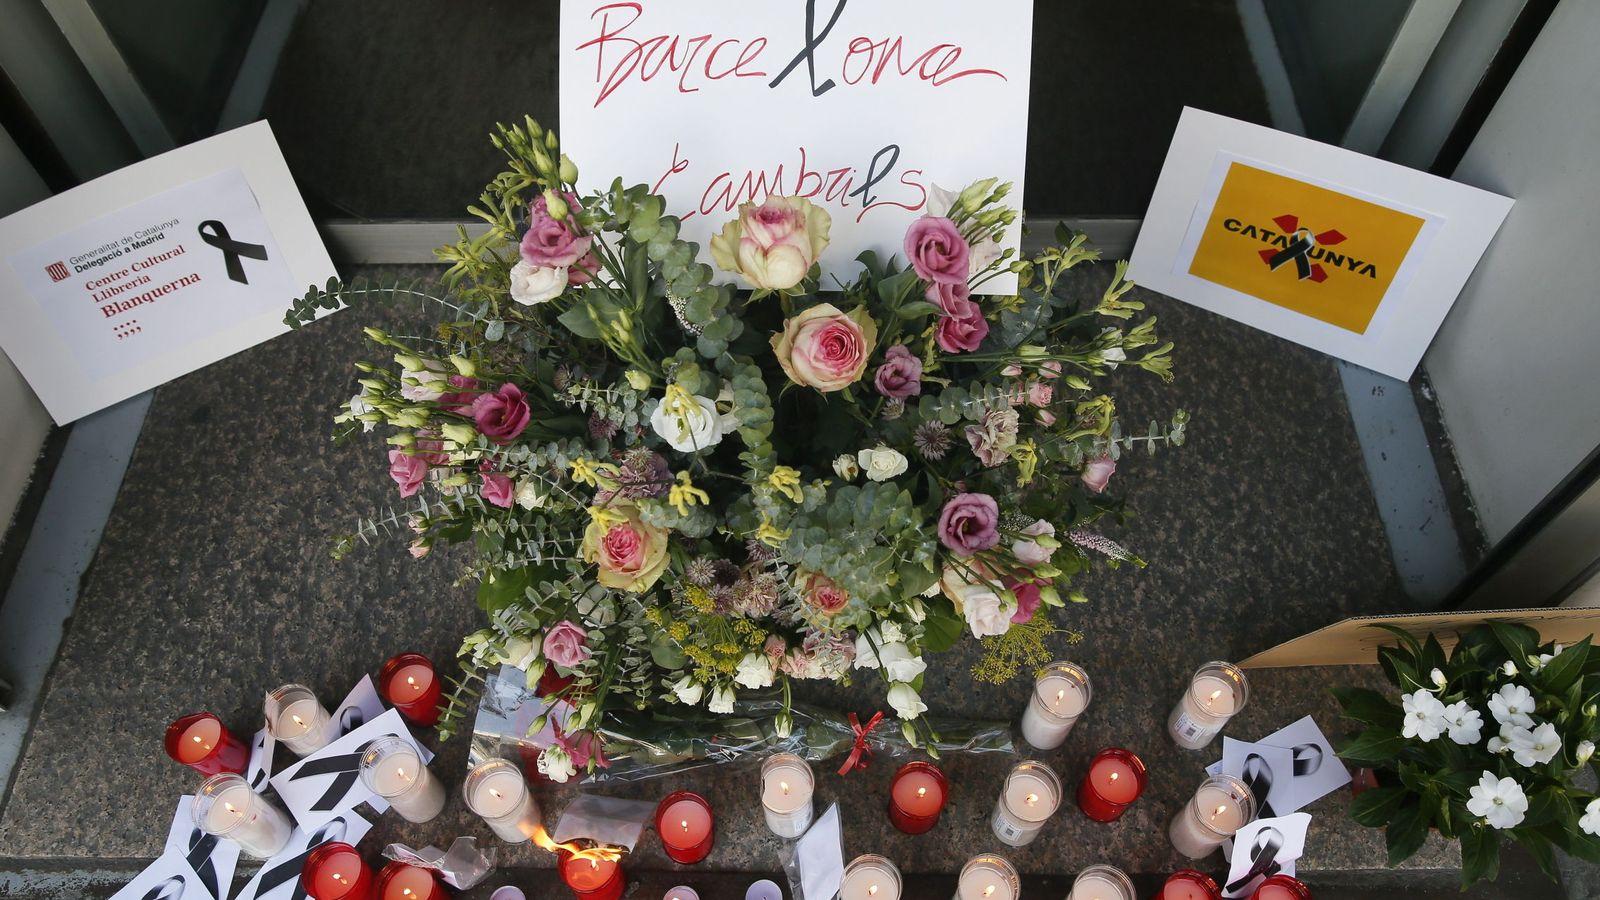 Foto: Velas y flores en el centro cultural Blanquerna. EFE.